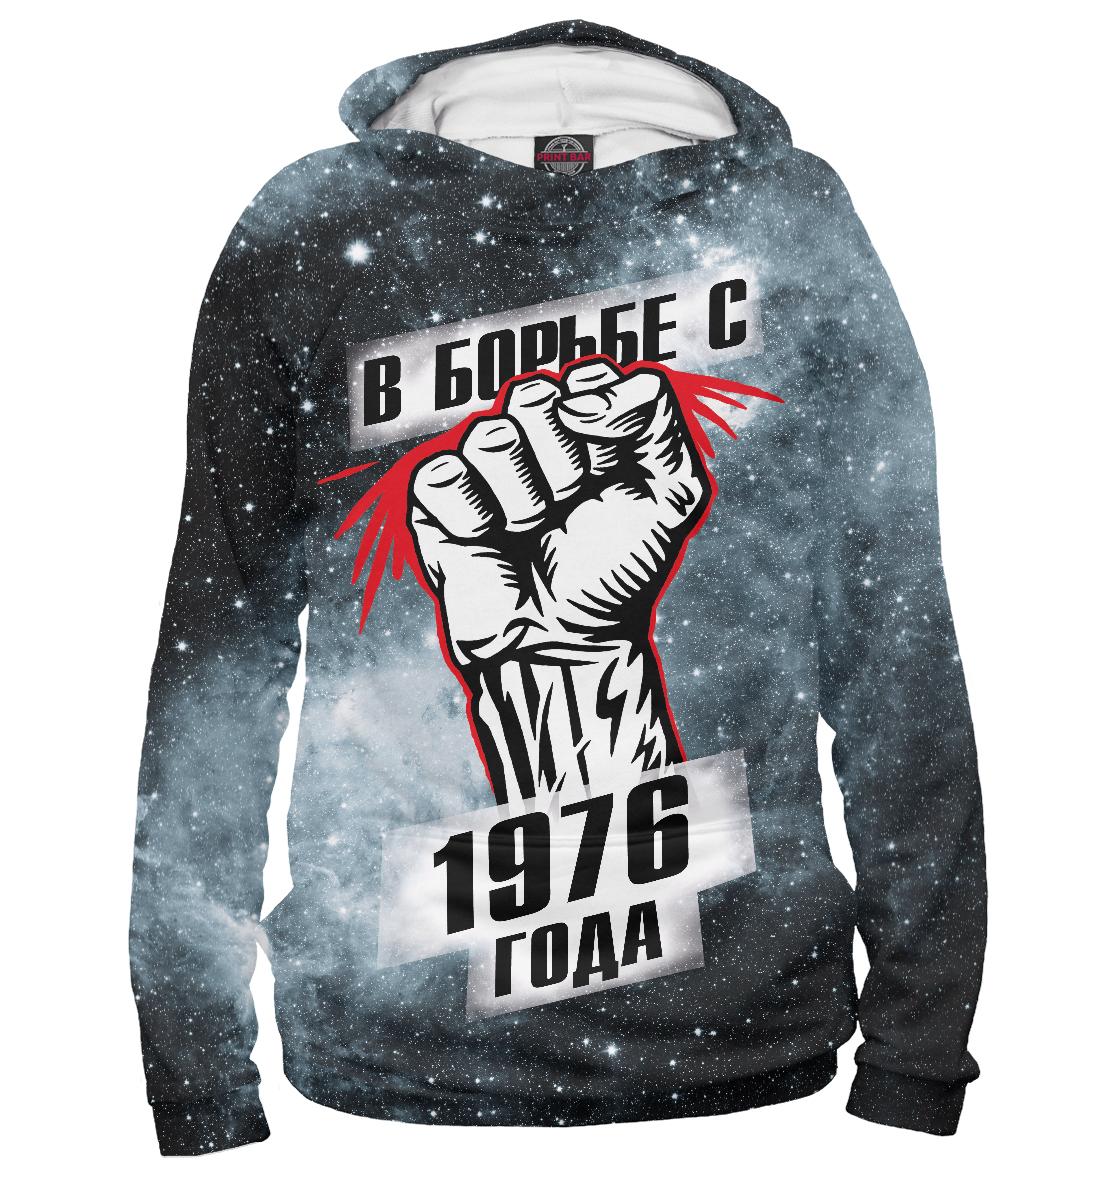 Купить В борьбе с 1976 года, Printbar, Худи, DSS-997763-hud-2